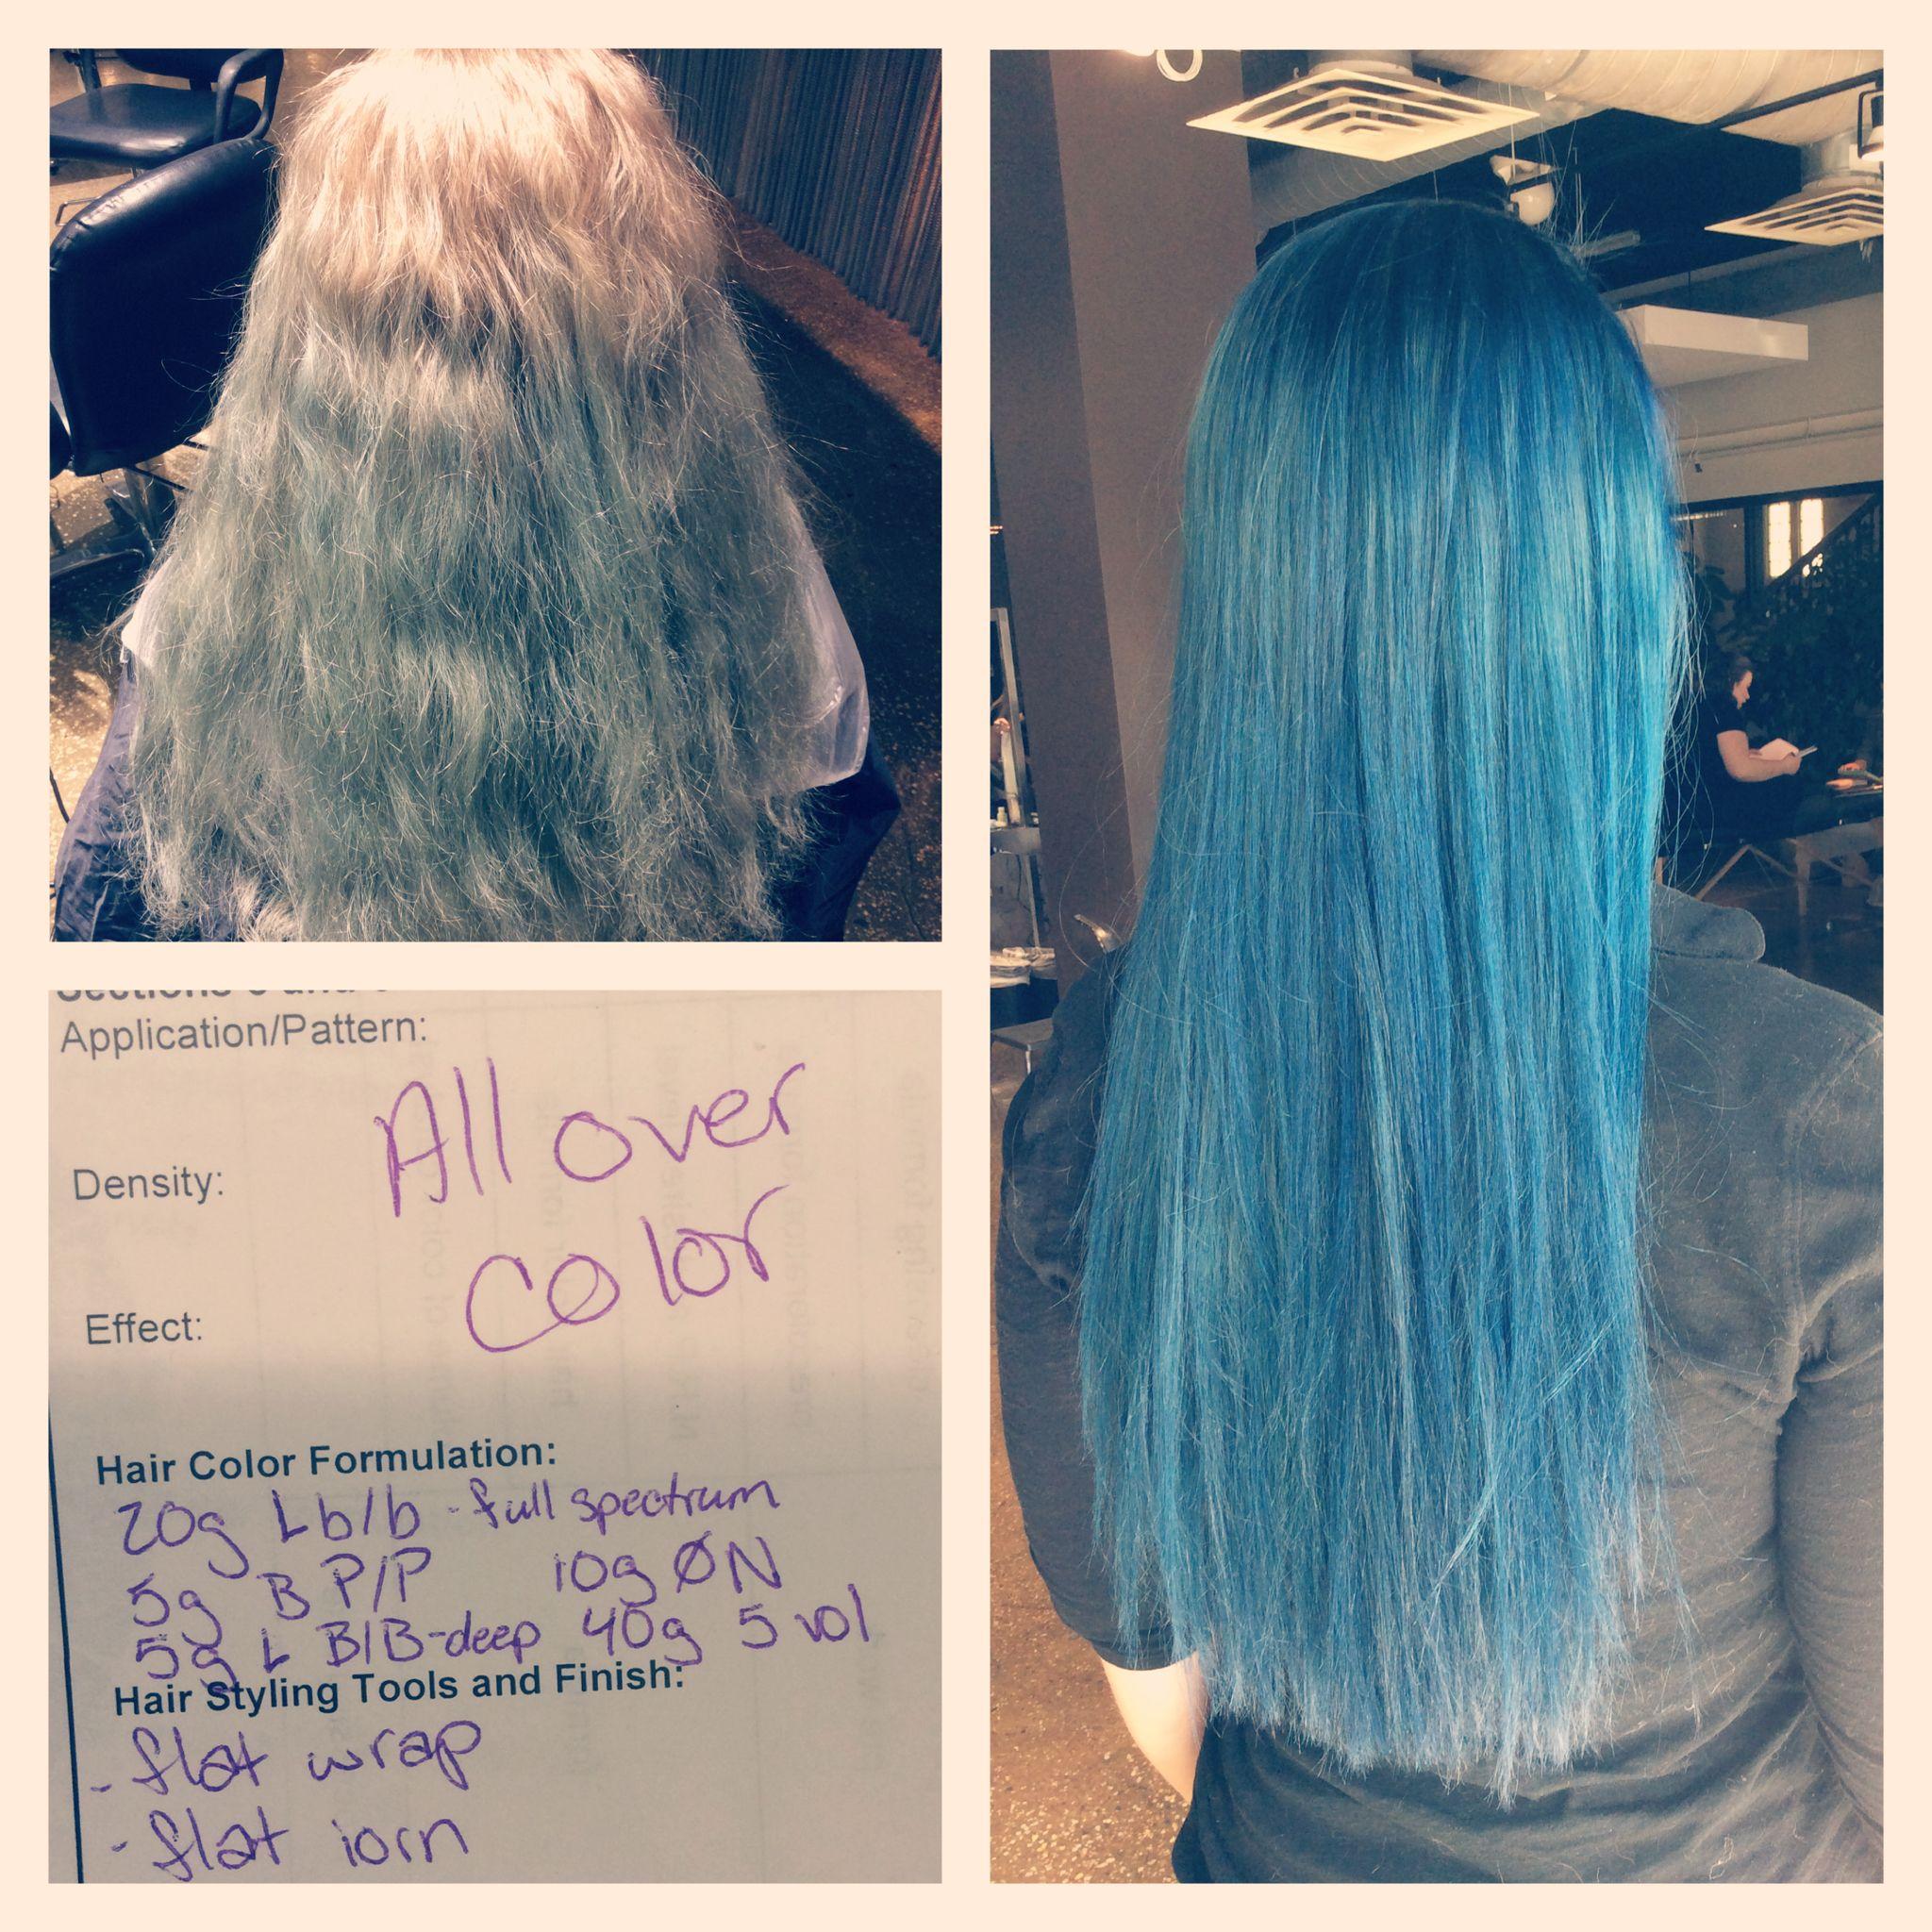 Aveda Hair Coloring Reviews Luxury 33 Rigorous Aveda Color Chart For Hair Color In 2020 Hair Color Chart Blonde Hair Color Chart Blonde Hair Color